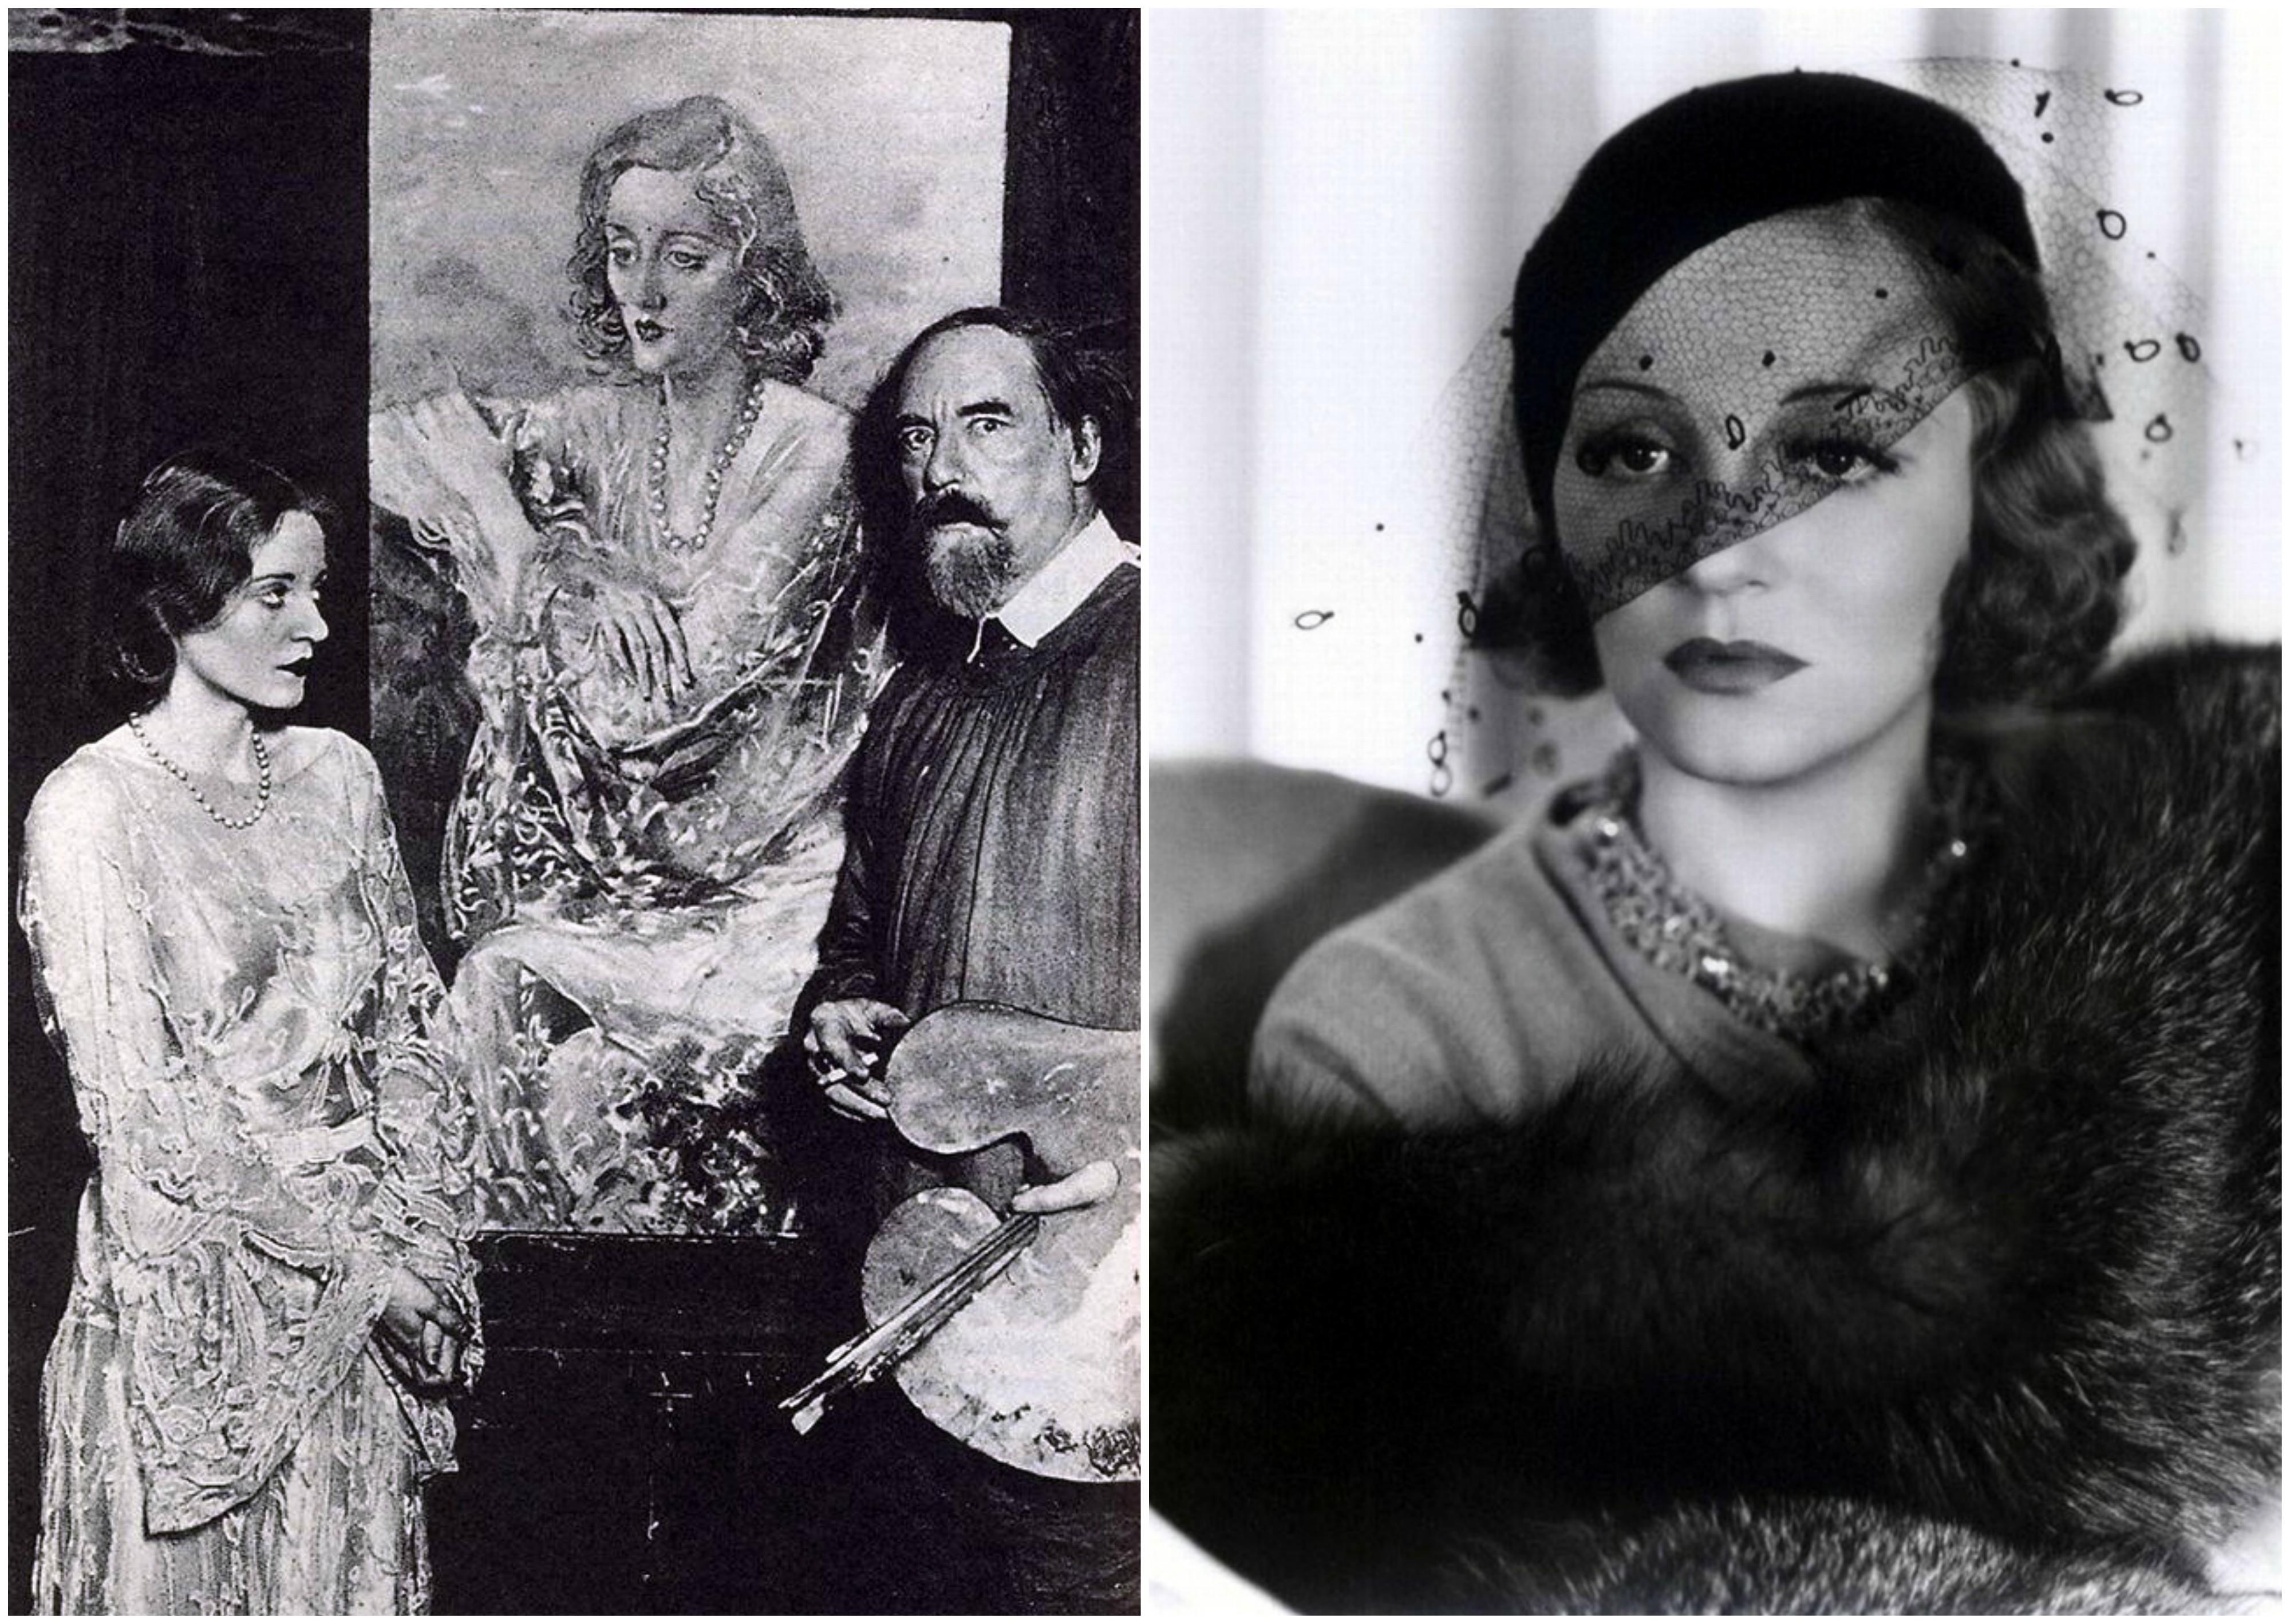 Po lewej Tallulah i Augustus John, autor jej sławnego portretu. Po prawej Tallulah w latach 30. (fot. Wikimedia.org / Domena publiczna / Insomnia Cured Here / Flickr.com / CC BY-SA 2.0)